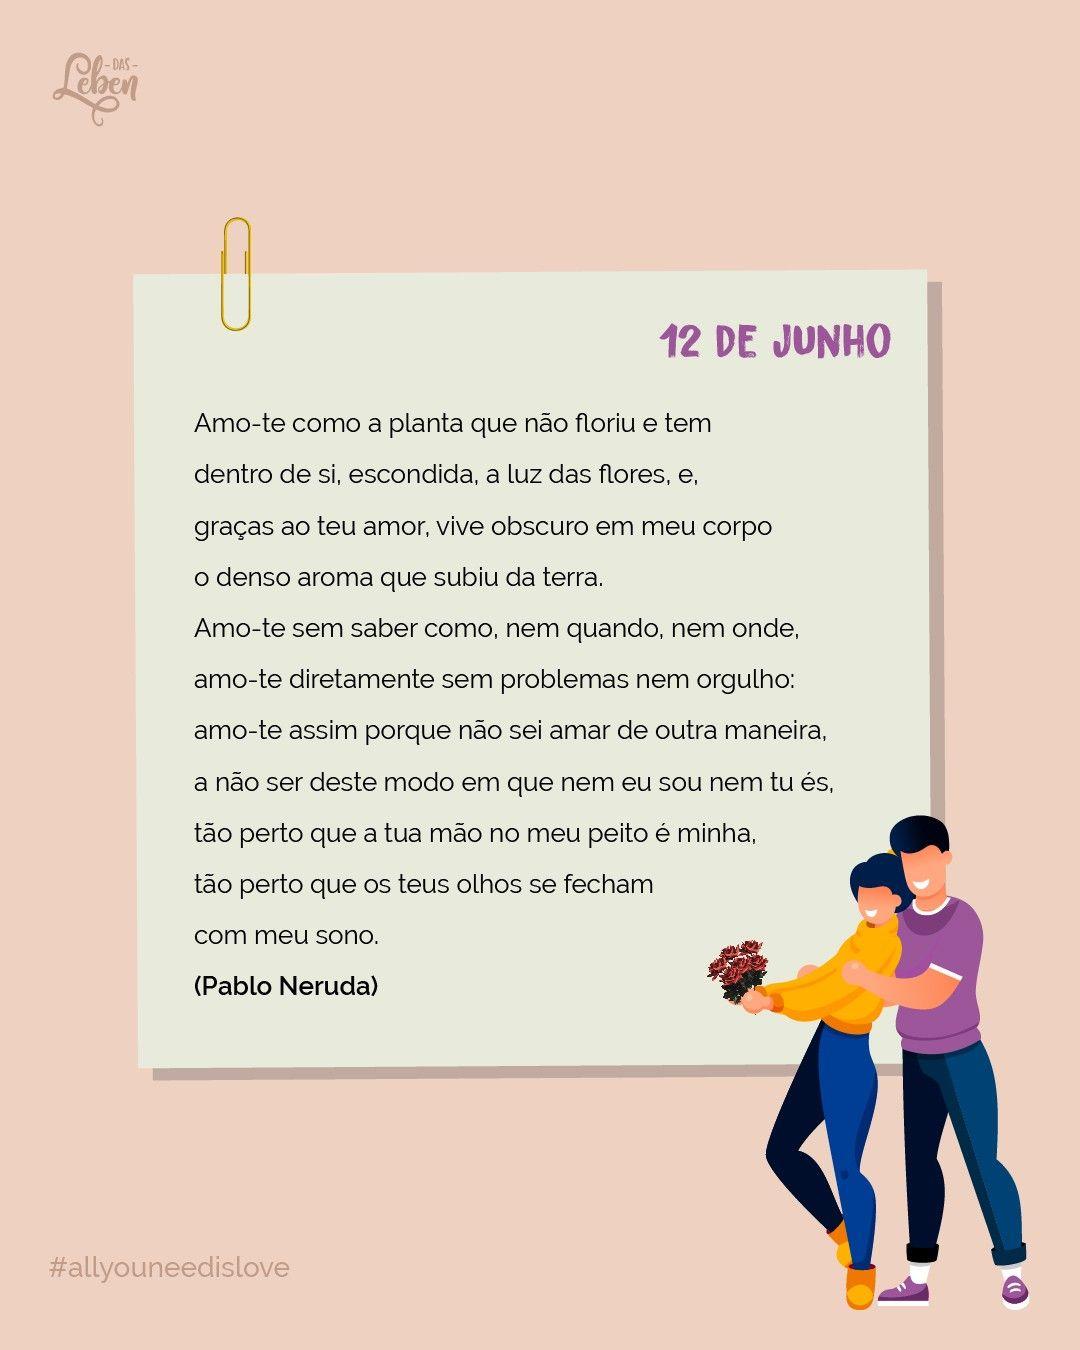 Ahh O Amor Marque A Pessoa Para Quem Voce Gostaria De Enviar Esse Poema Diadosnamorados Instalove Amor Ca Memes Ecard Meme Movie Posters